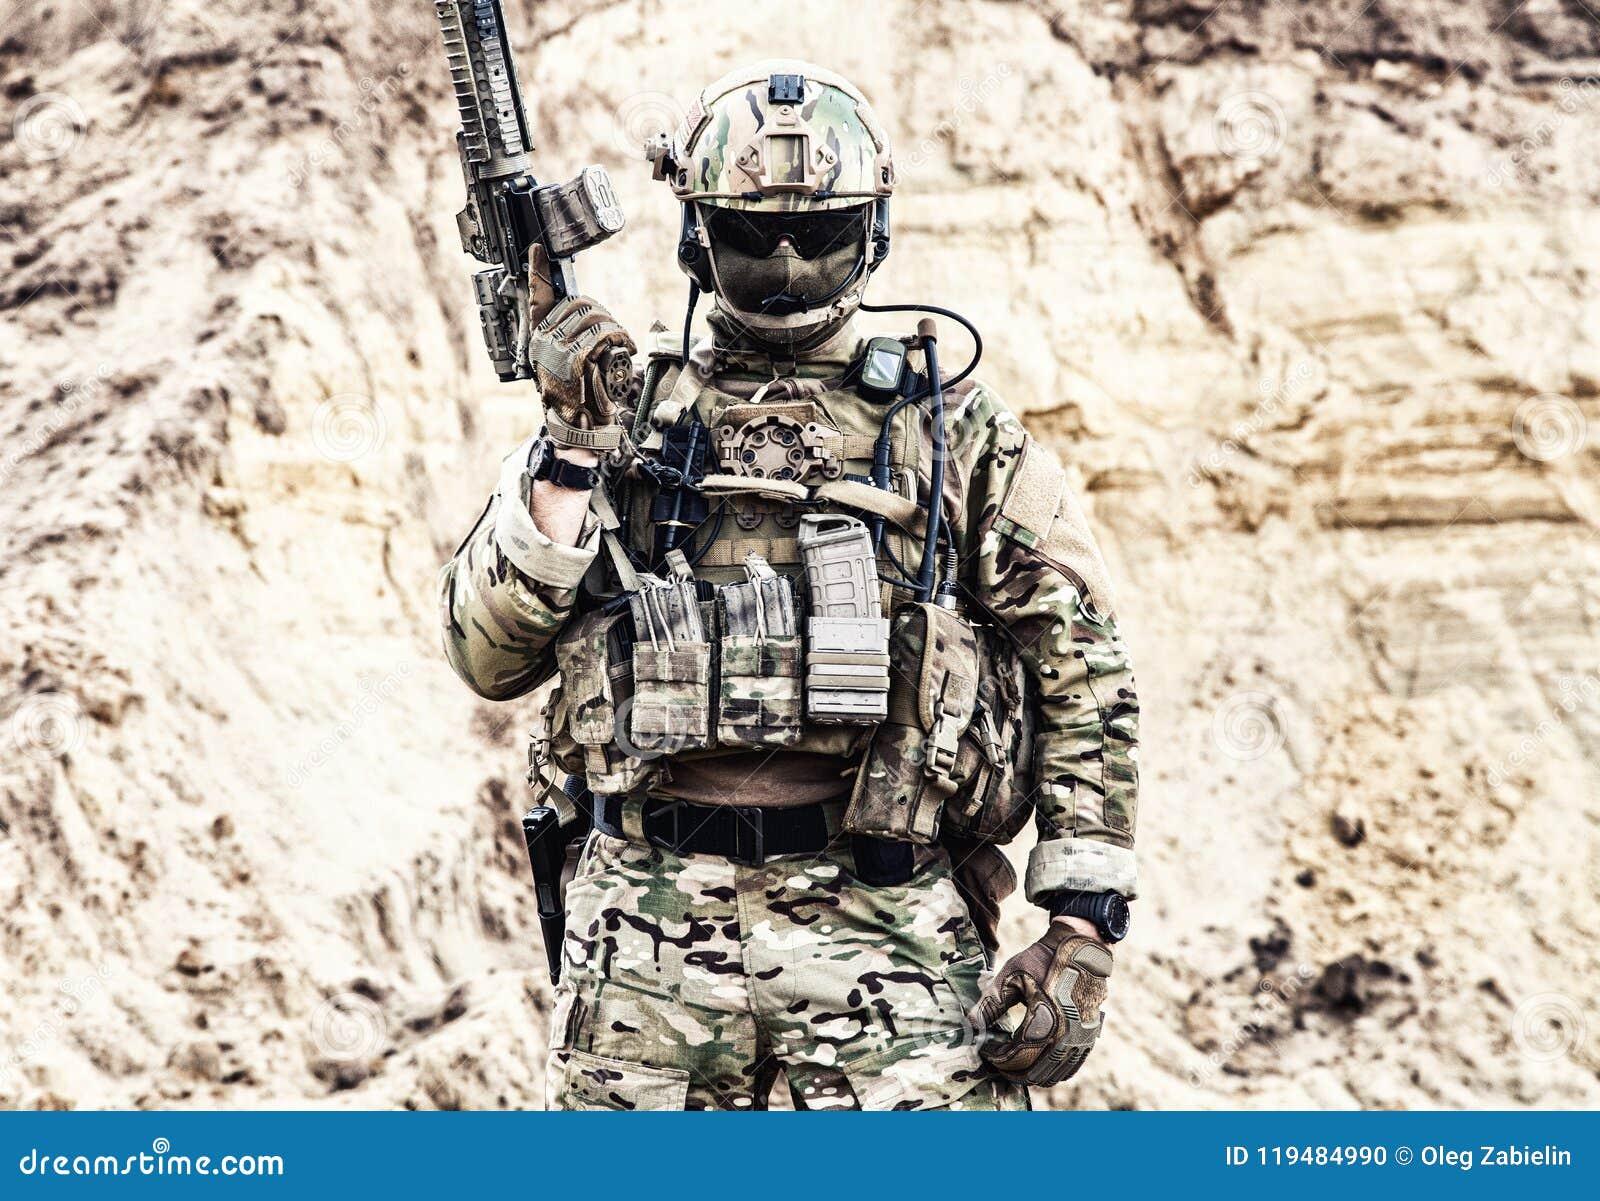 特种部队精华战斗机准备好争斗